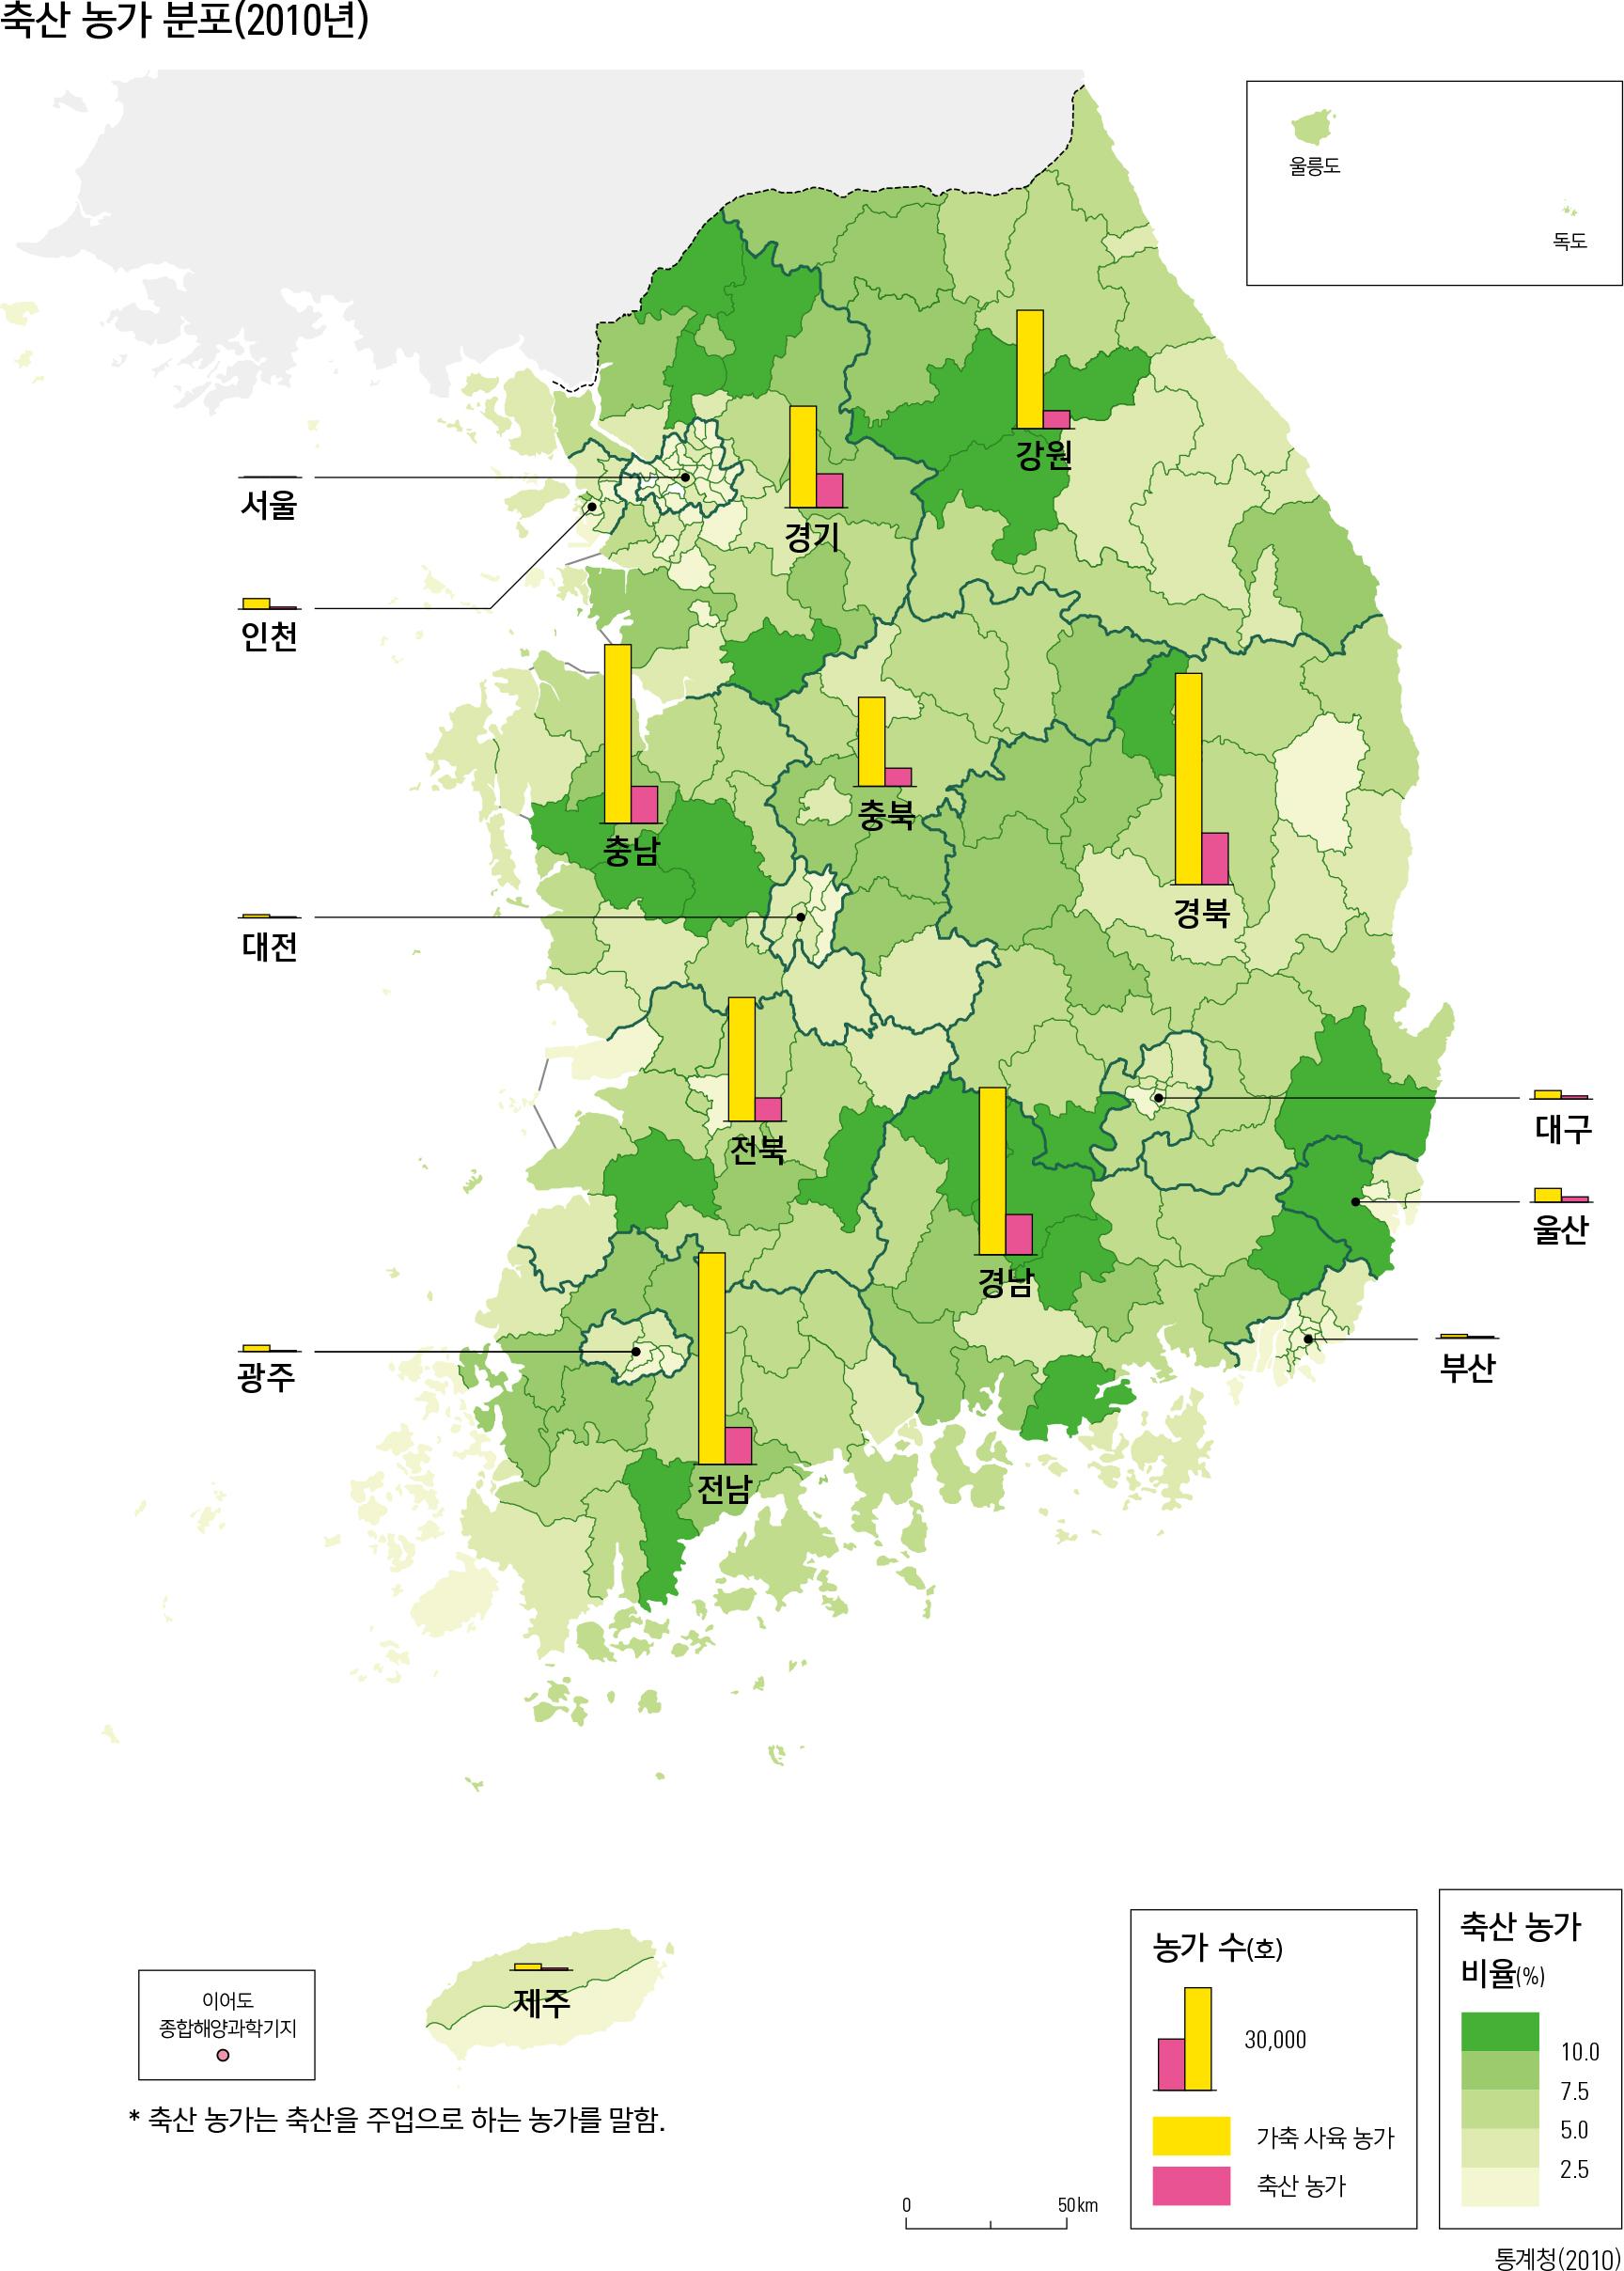 축산 농가 분포(2010년)